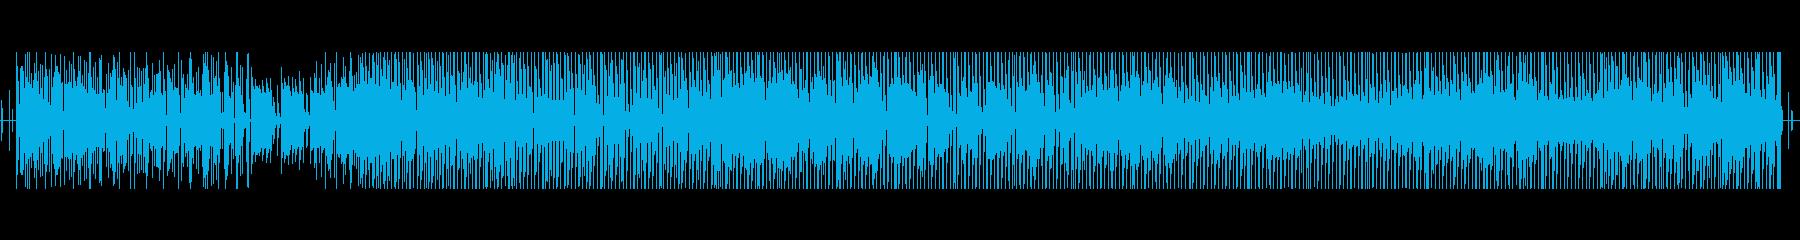 チップチューンとおもちゃのコミカルな曲の再生済みの波形